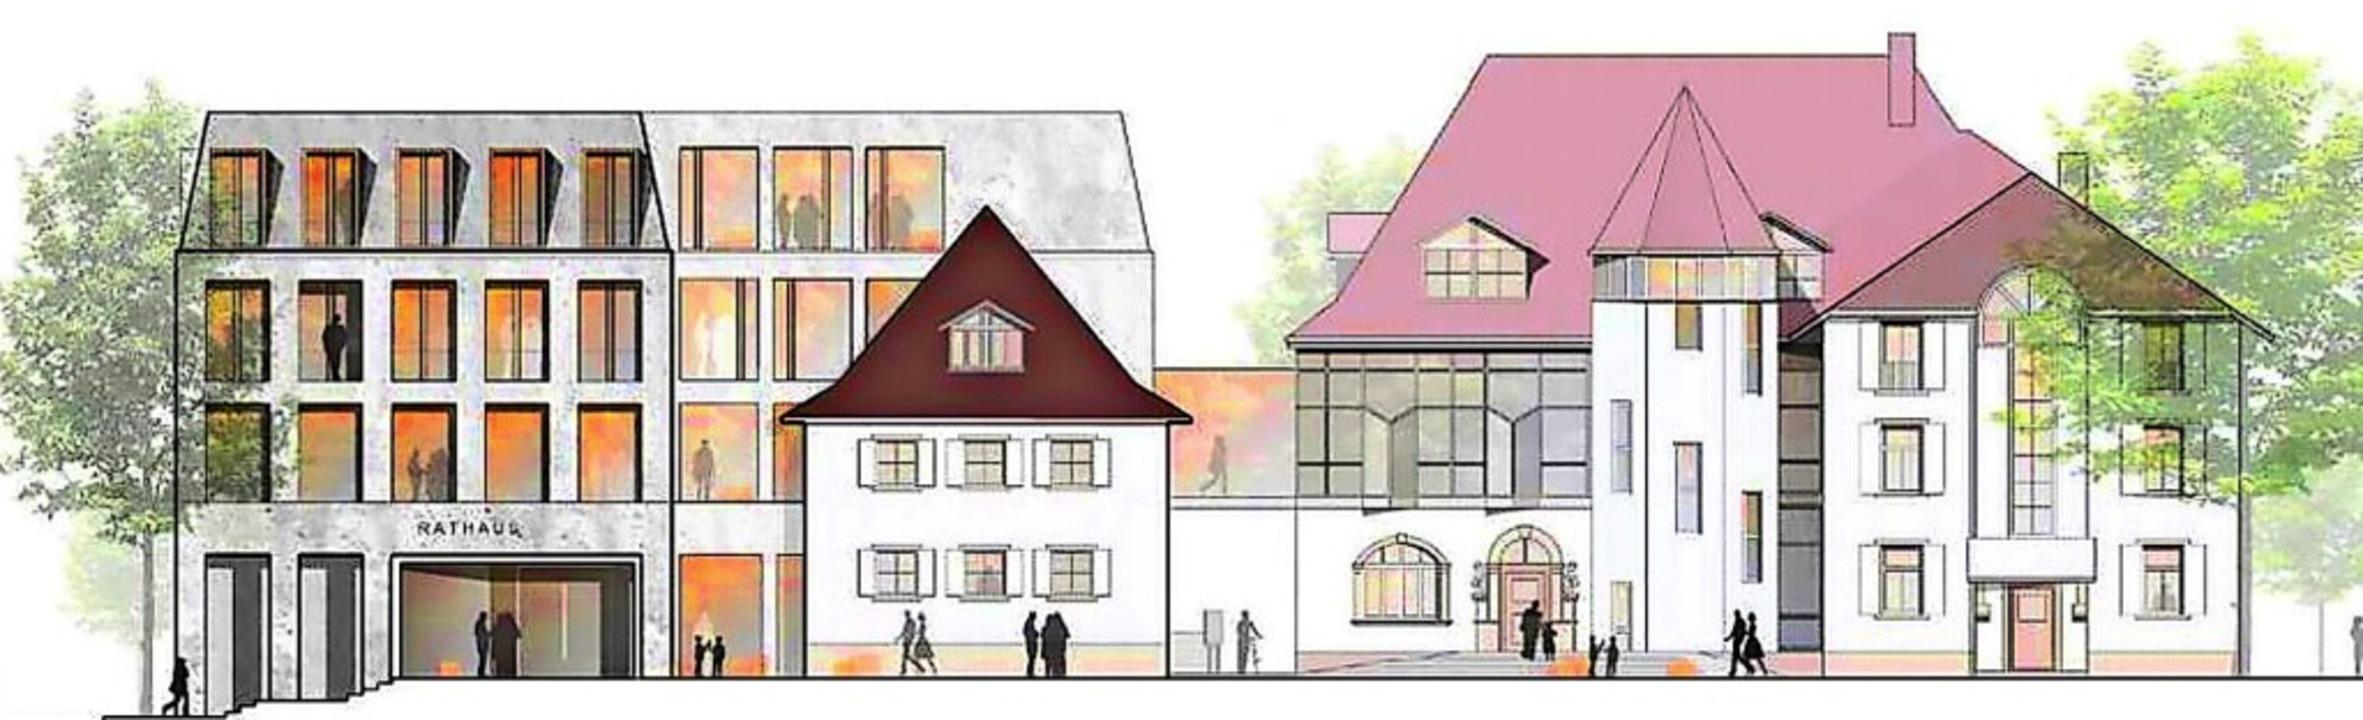 Der moderne Rathausanbau mit großzügig...er Mitte und das alte Rathaus mit Turm